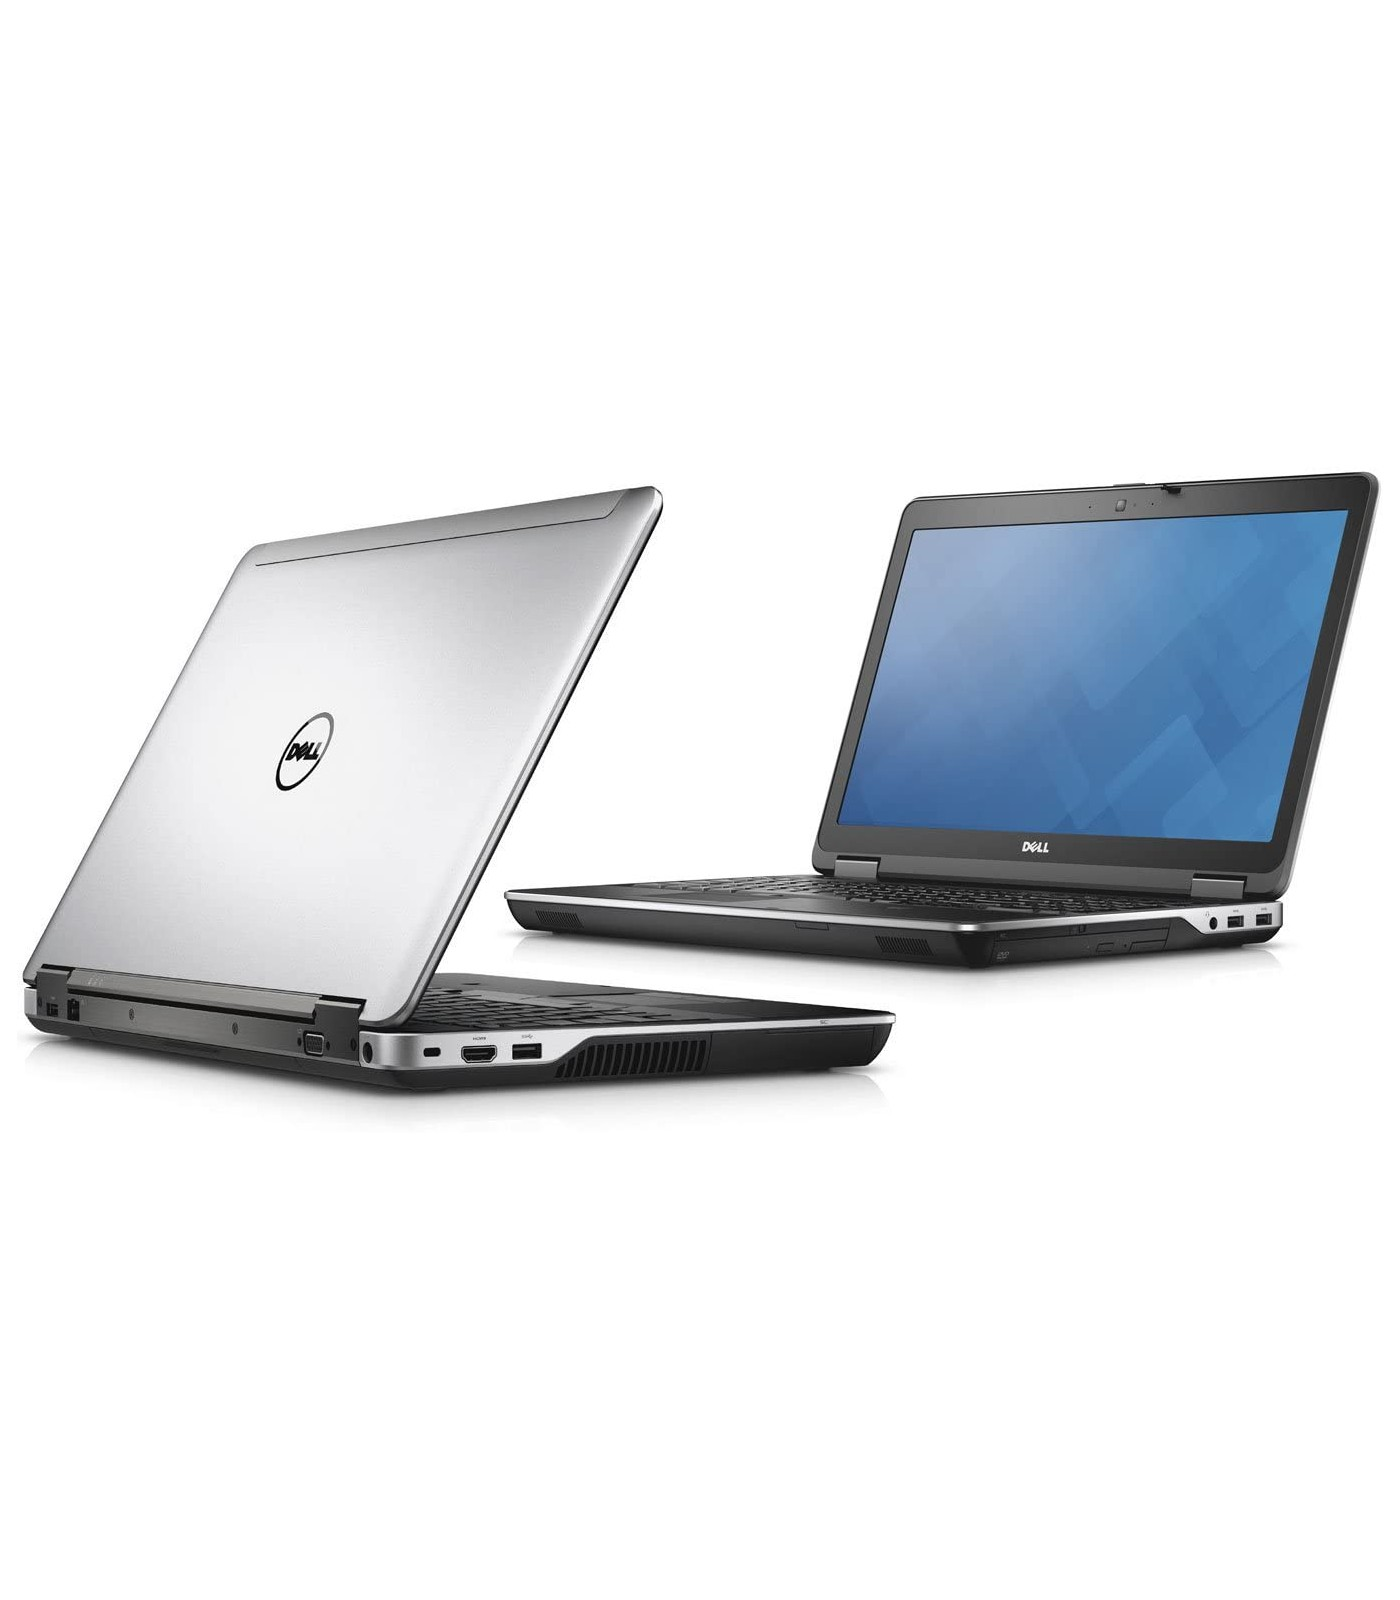 Dell Latitude E6540 i7 4 generacji 1920x1080 IPS Klasa A